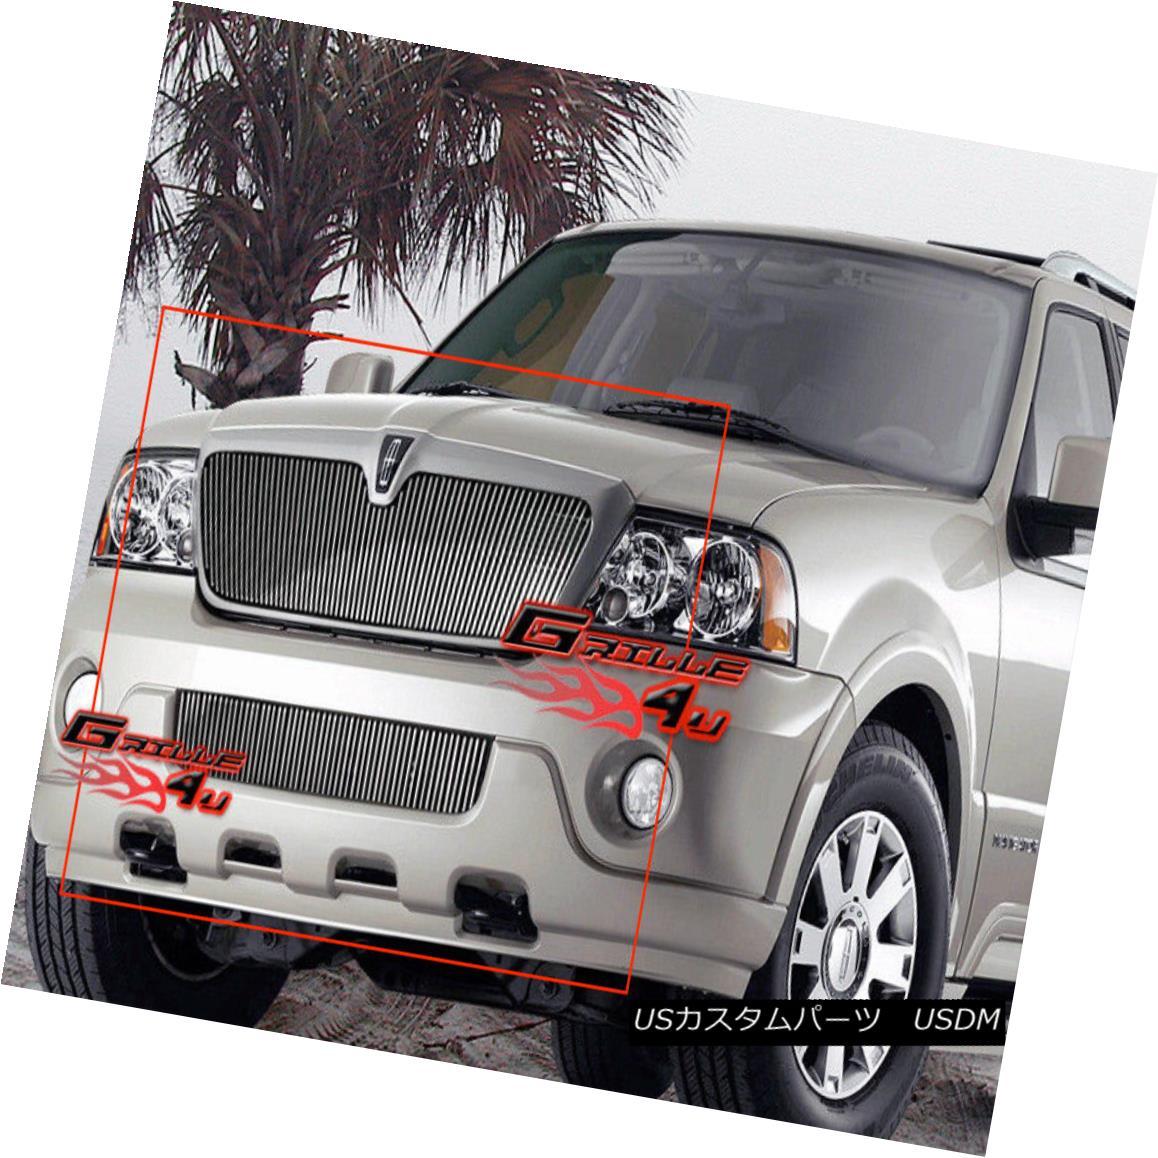 グリル Fits 2003-2004 Lincoln Navigator Vertical Billet Grille Combo フィット2003-2004リンカーンナビゲーター垂直ビレットグリルコンボ